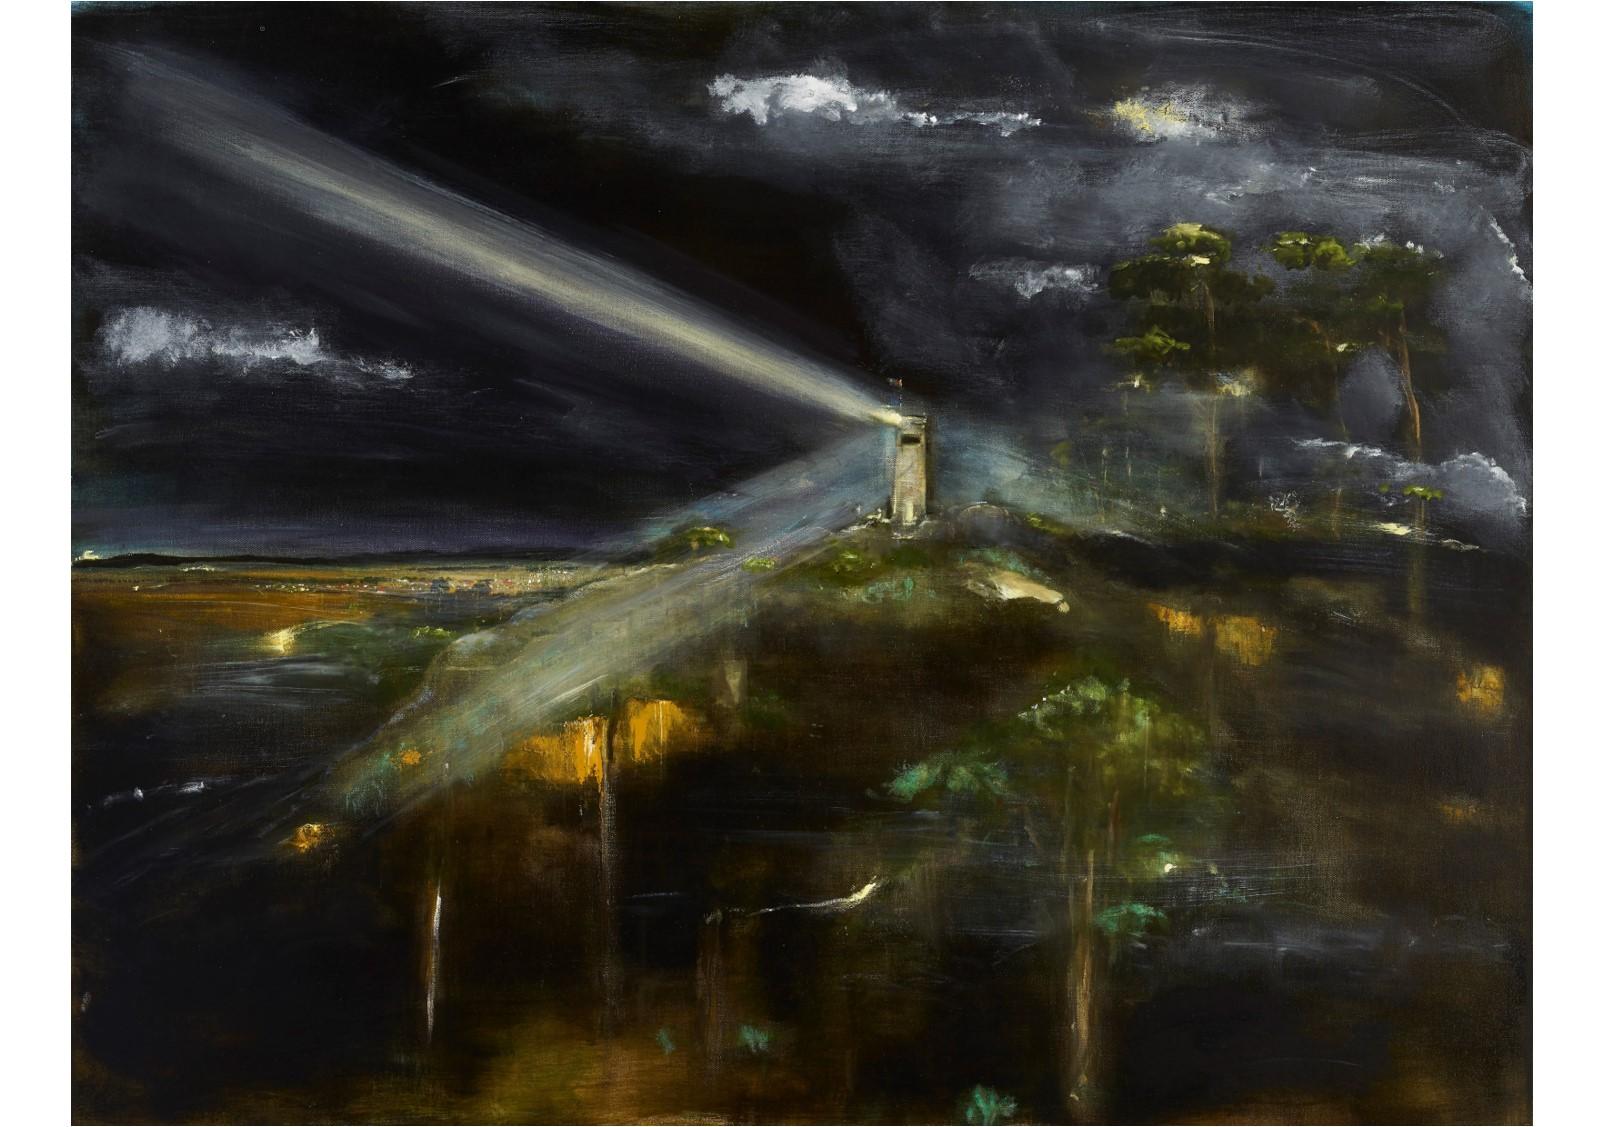 Rodney Pople_Gouldburn War Memorial at 3am